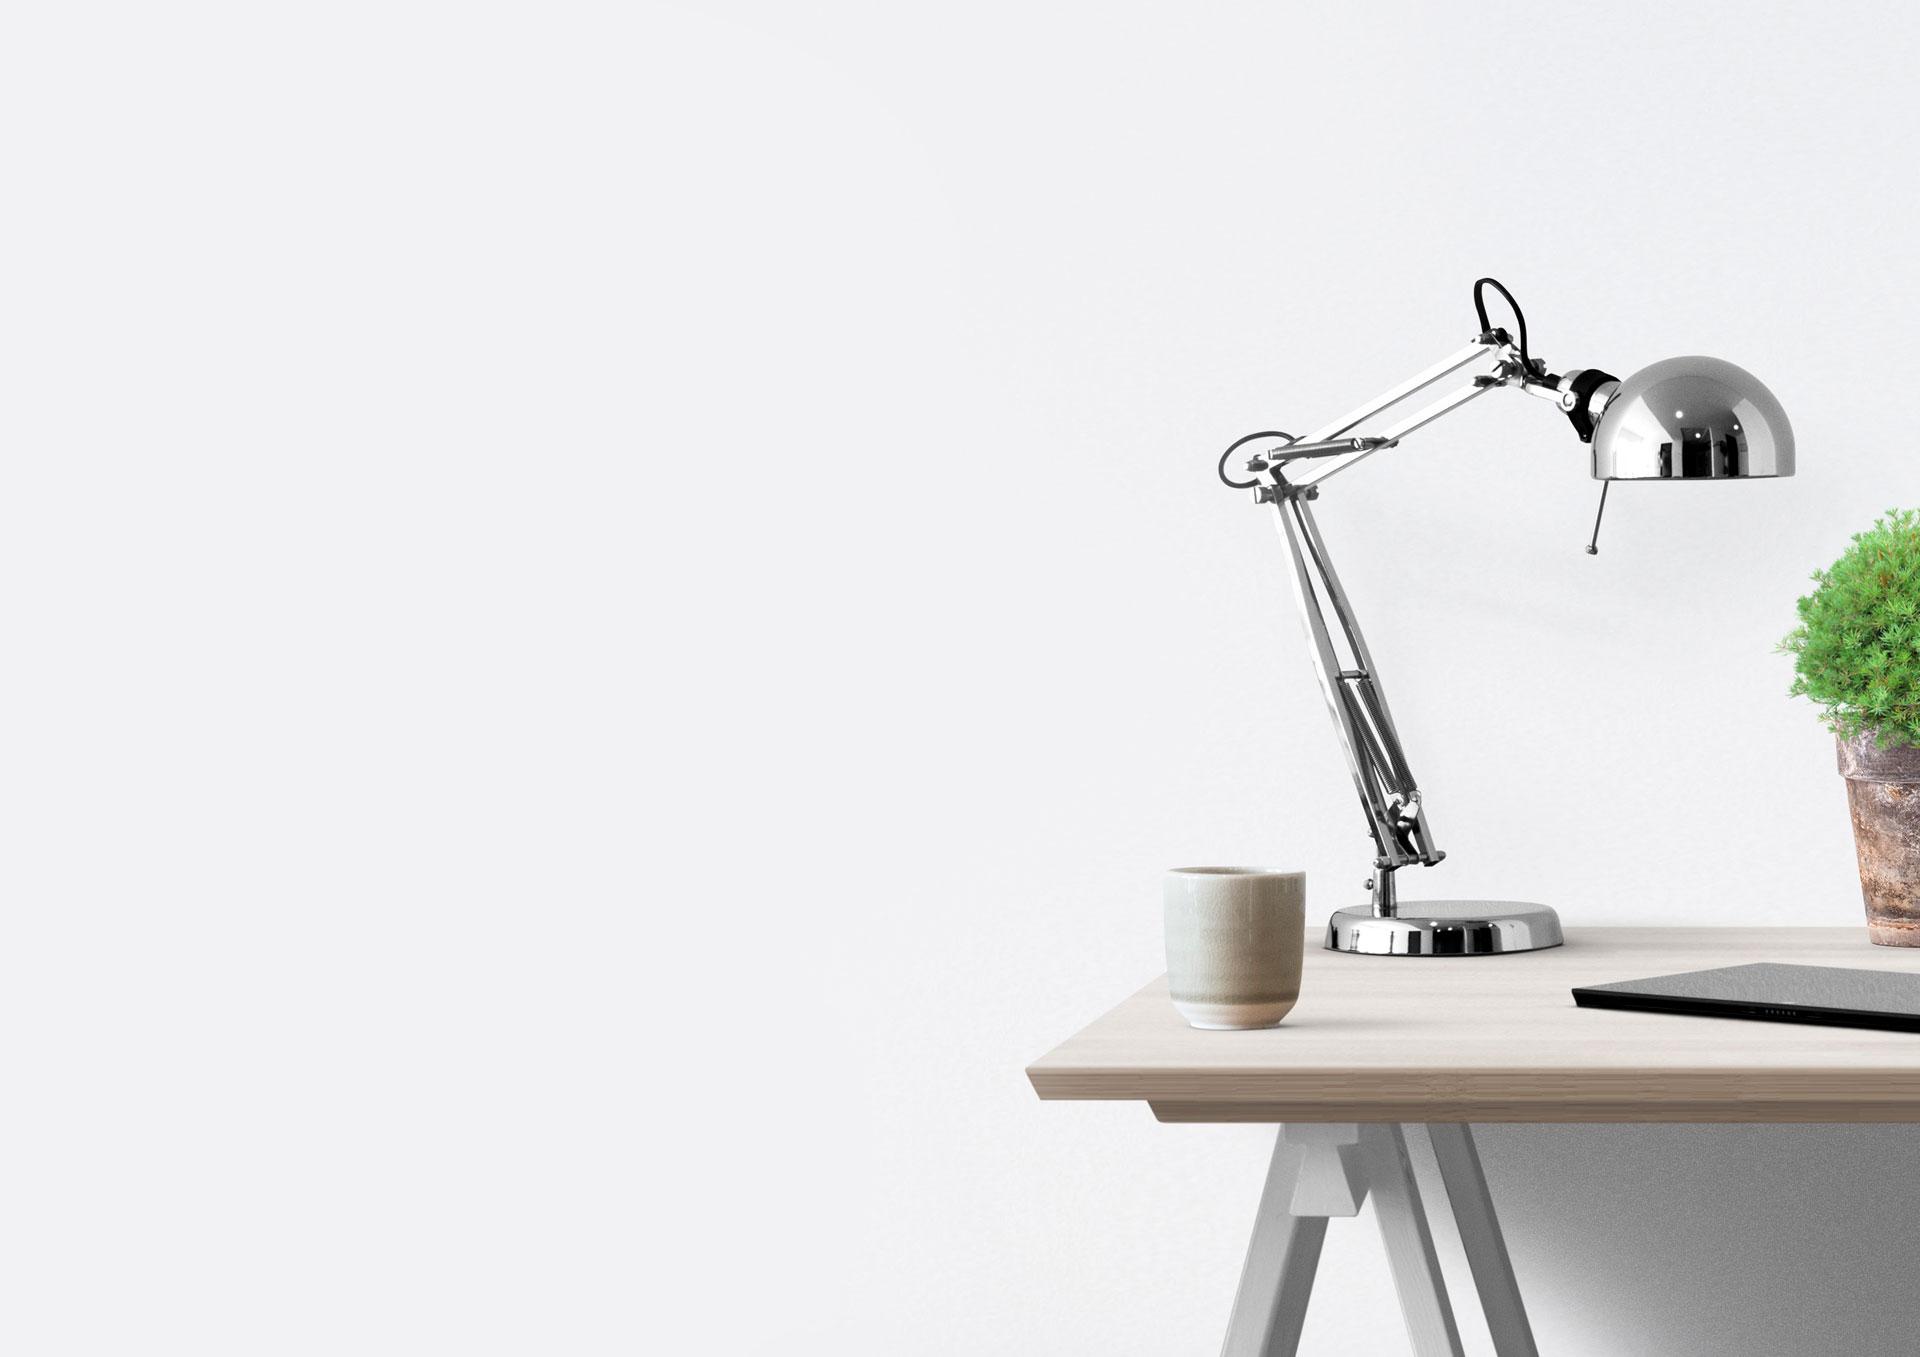 biurko i lampka na białym tle